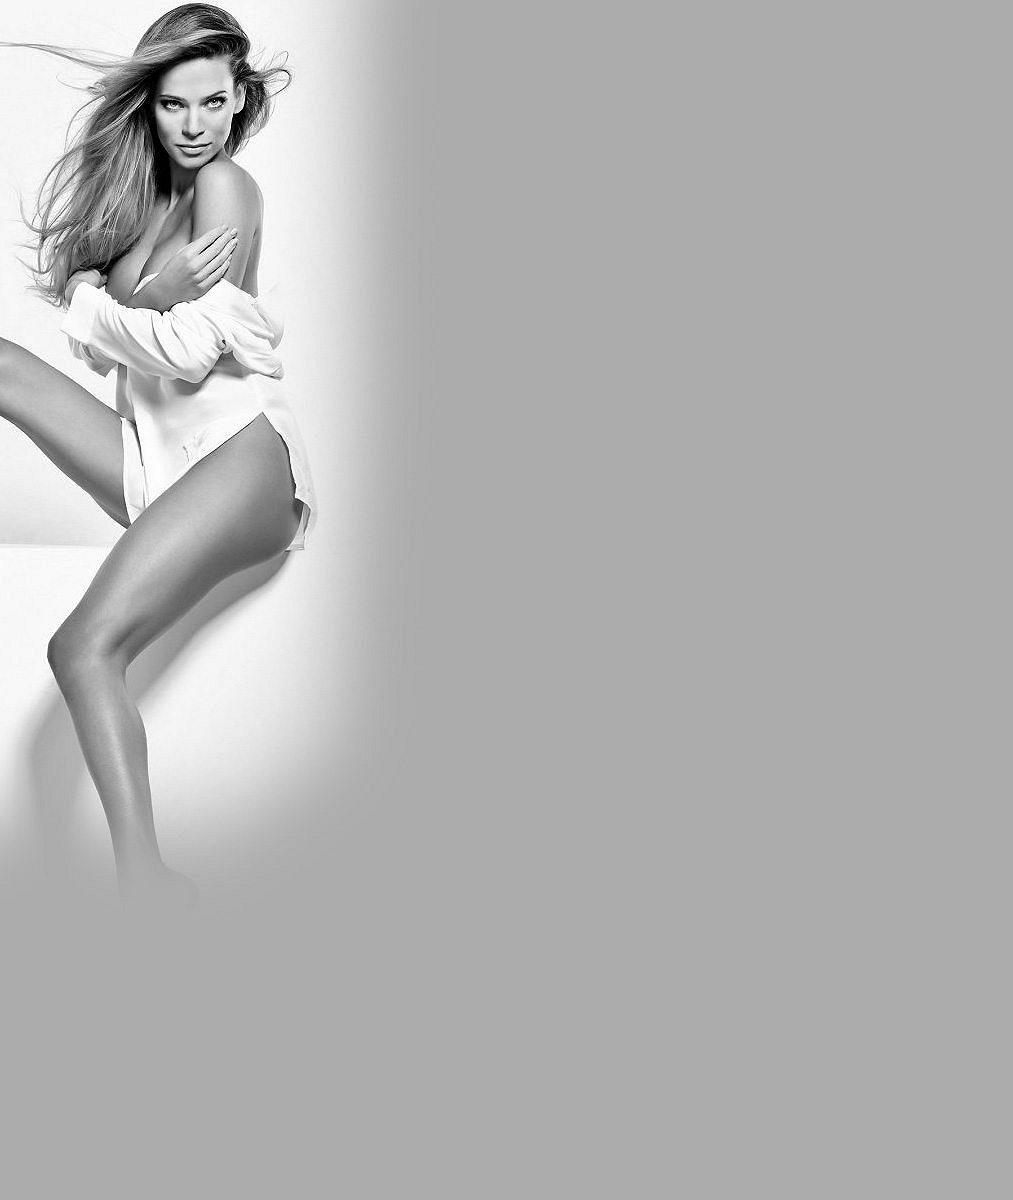 Dokonalá ze všech stran: Andrea Verešová svá fantastická stehna a půlky vystavila v obchoďáku i na slunci